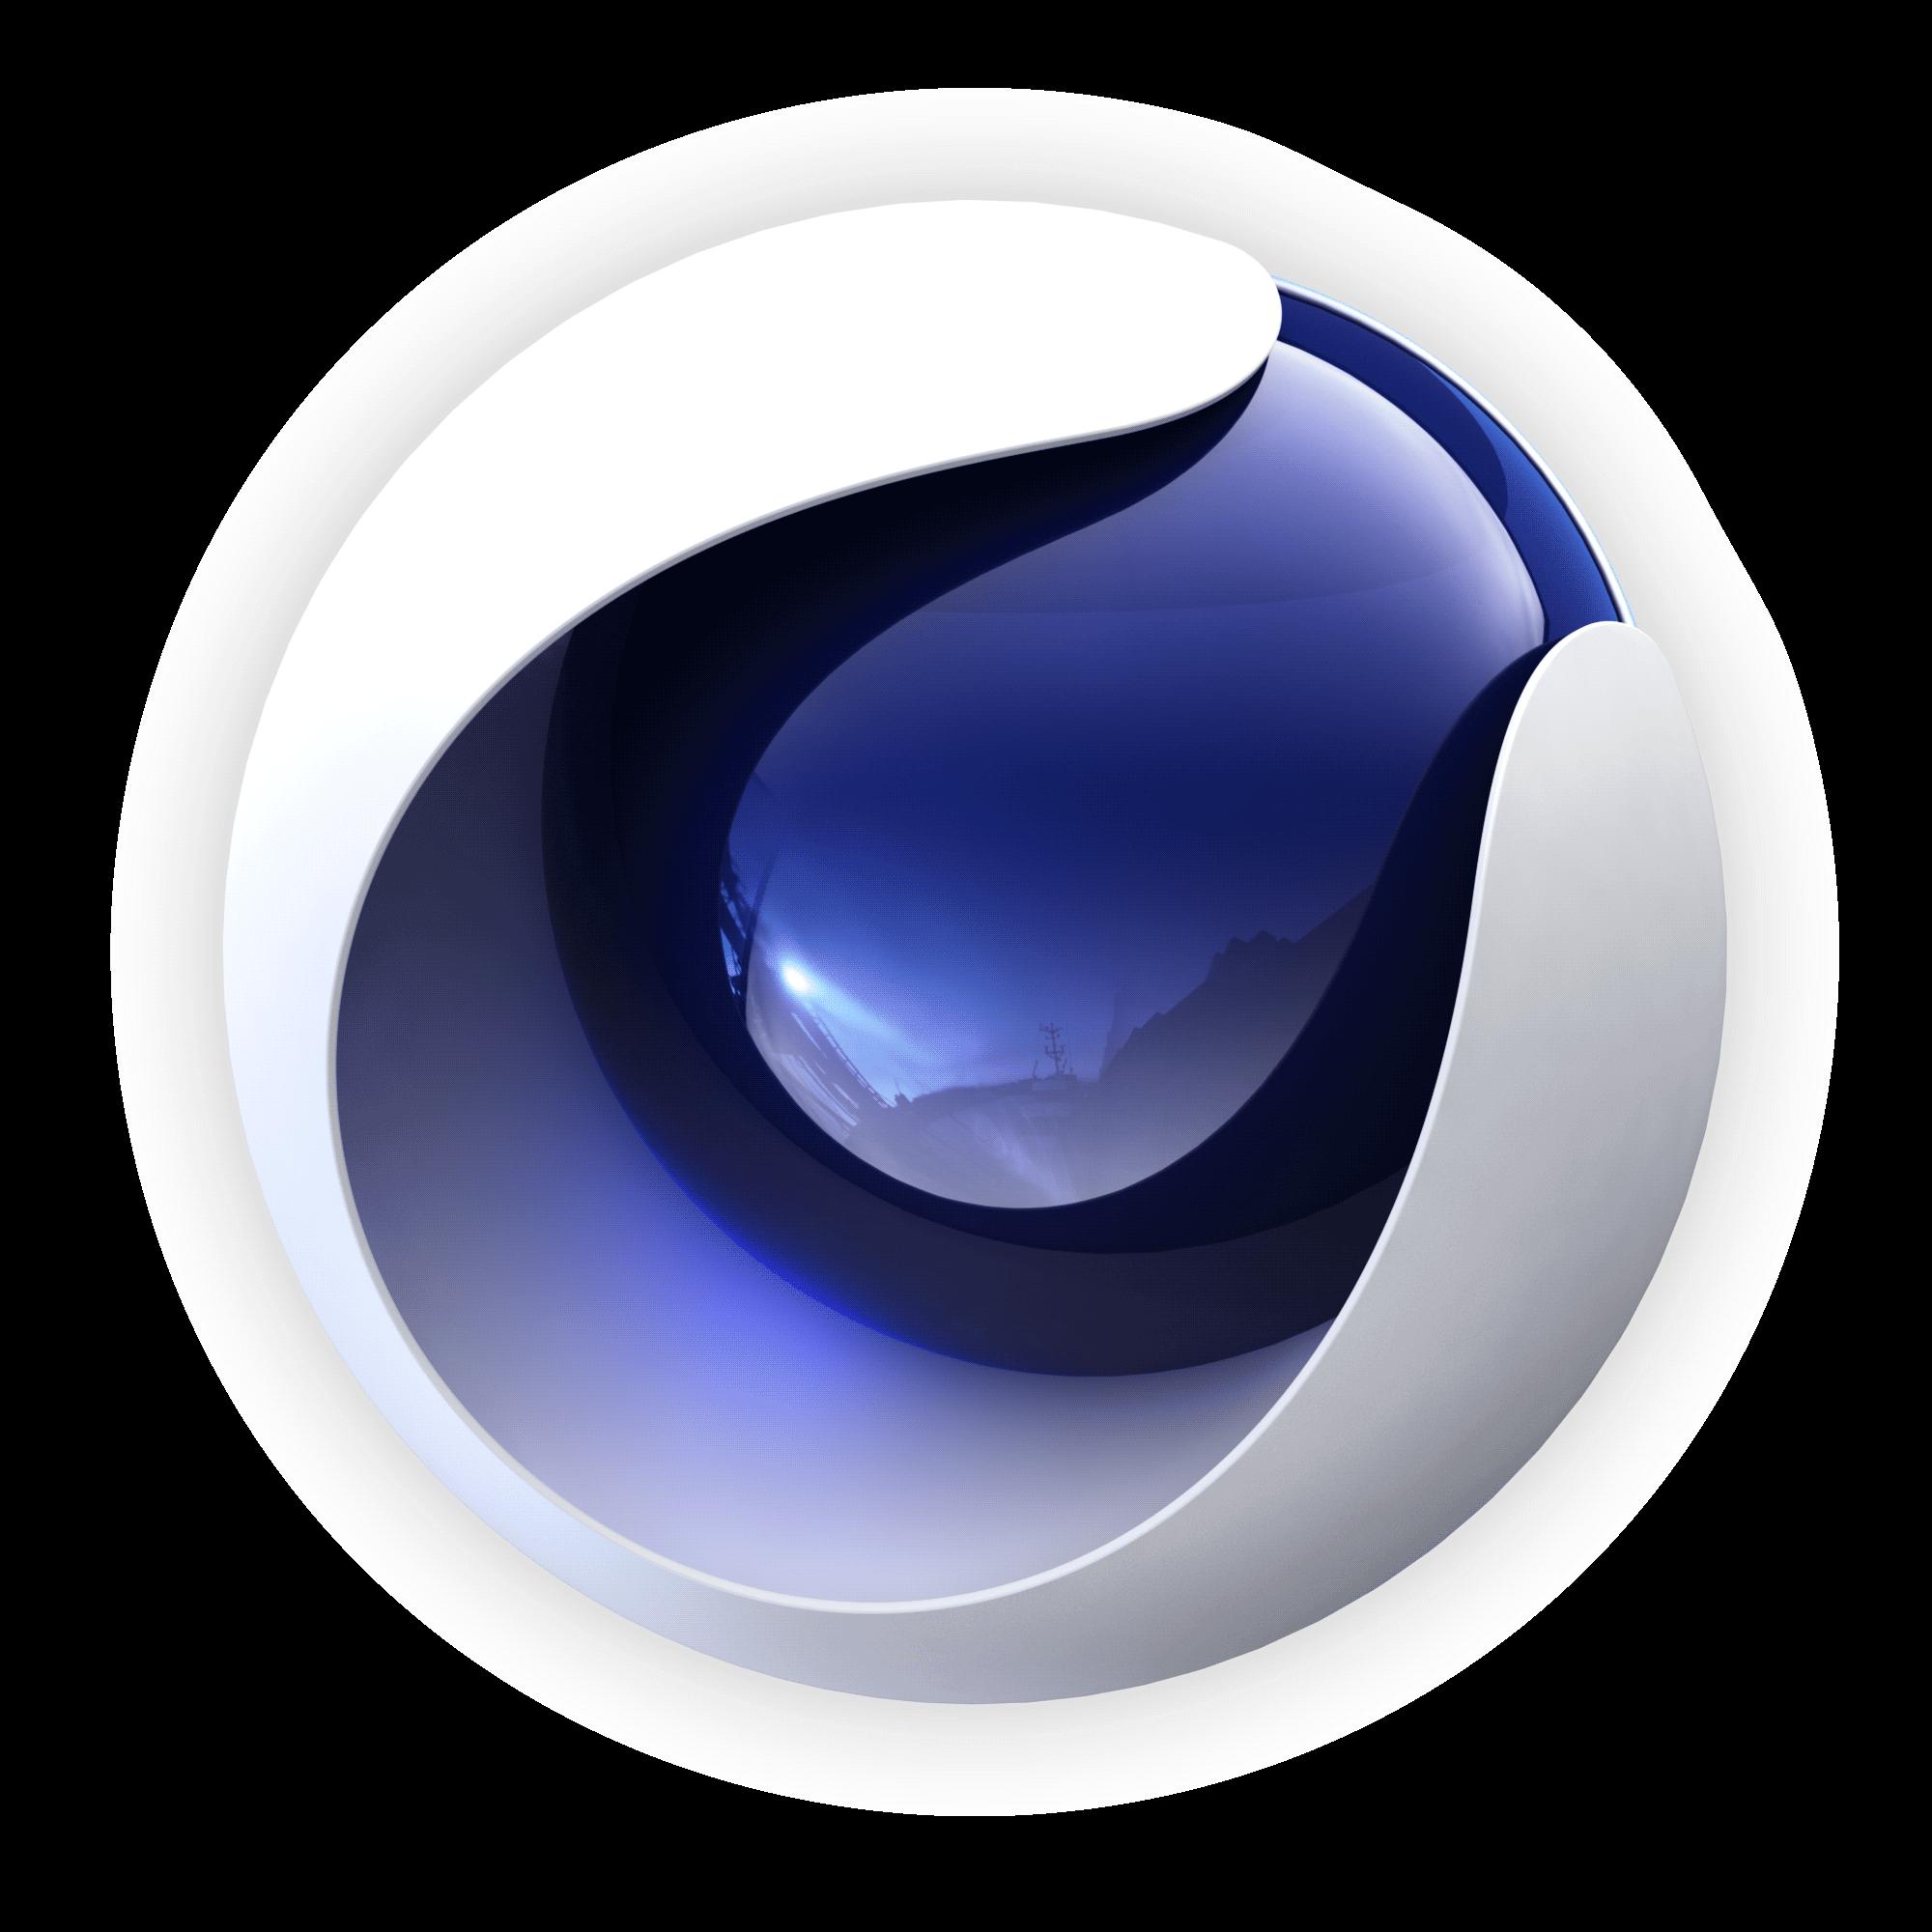 Лучшая программа для рендеринга 3d моделей. 6 самых популярных программ для 3D-моделирования